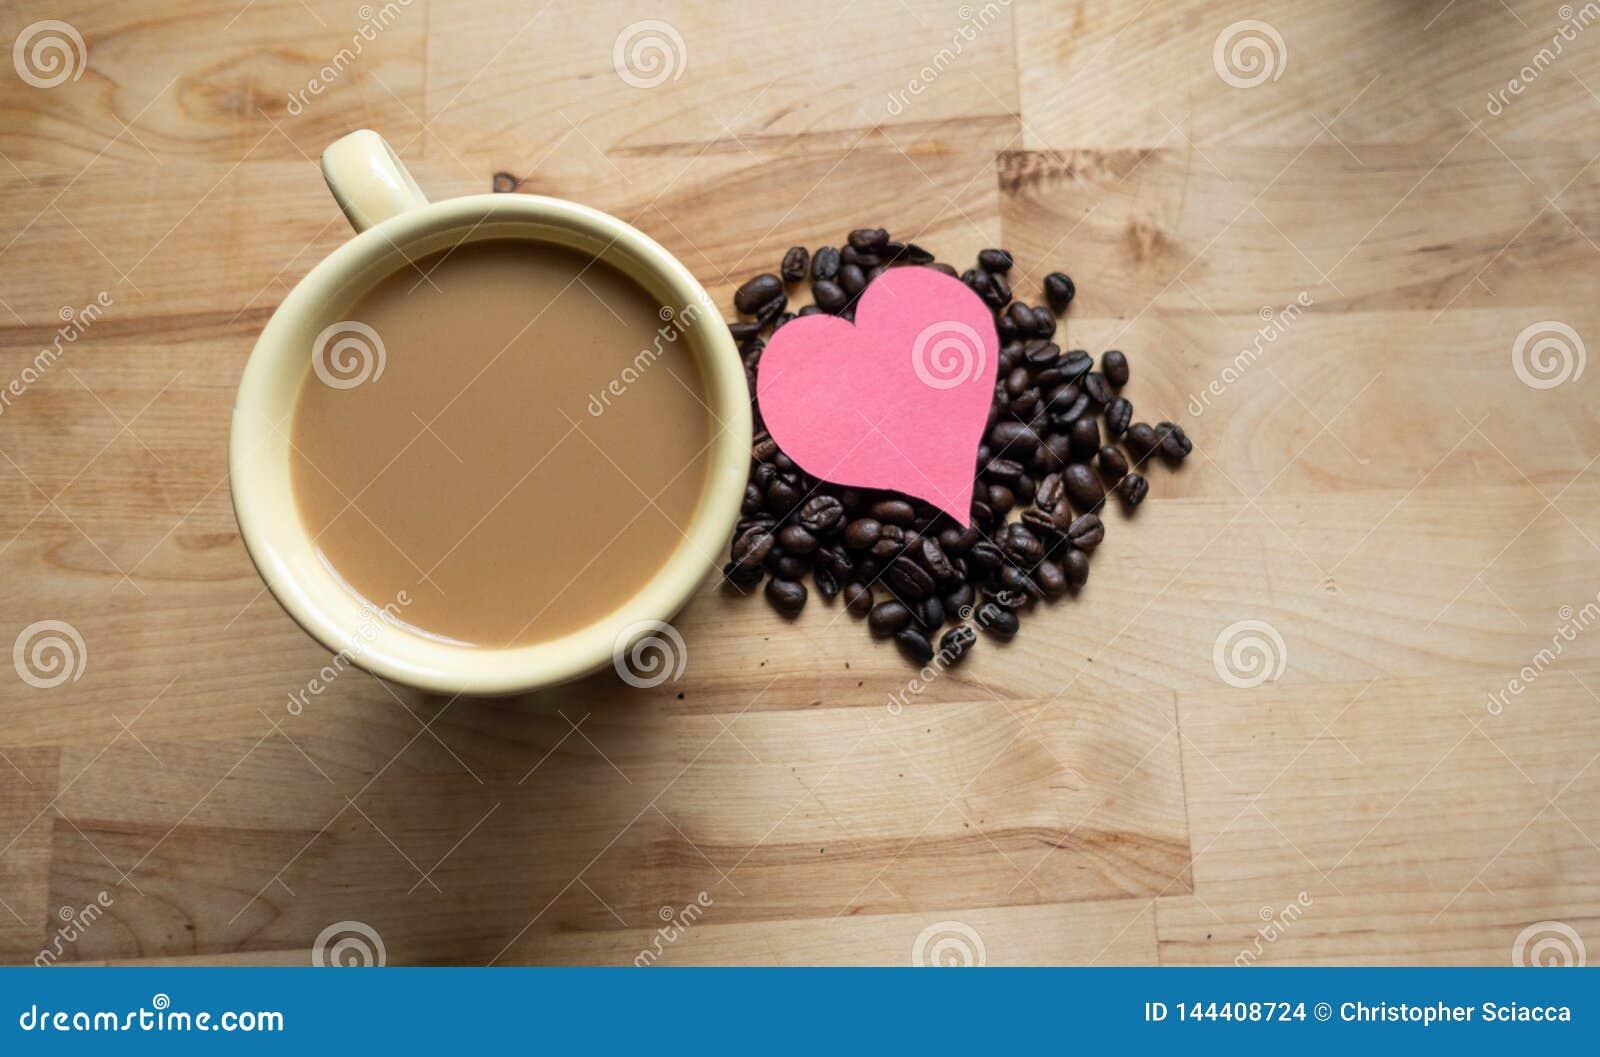 Καρδιές και καφές από κοινού